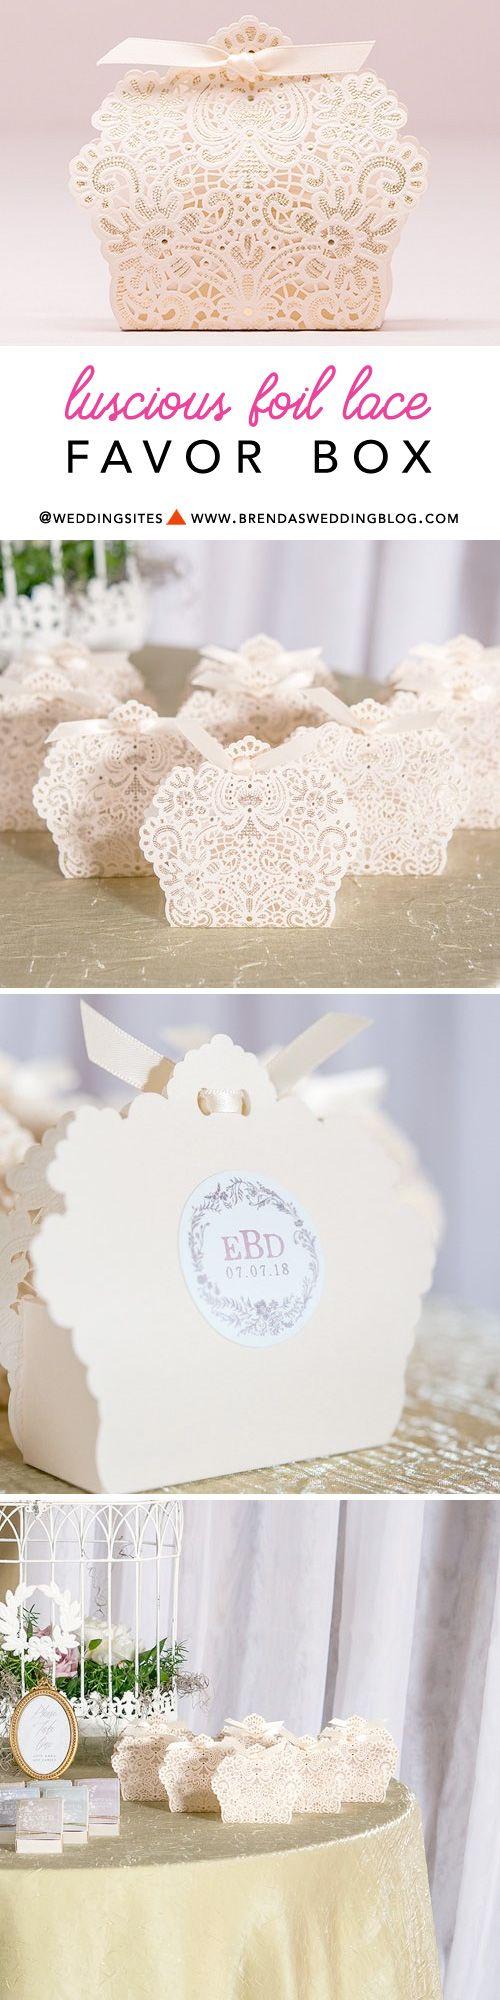 601 best Bridal Shower Inspiration images on Pinterest   Wedding ...